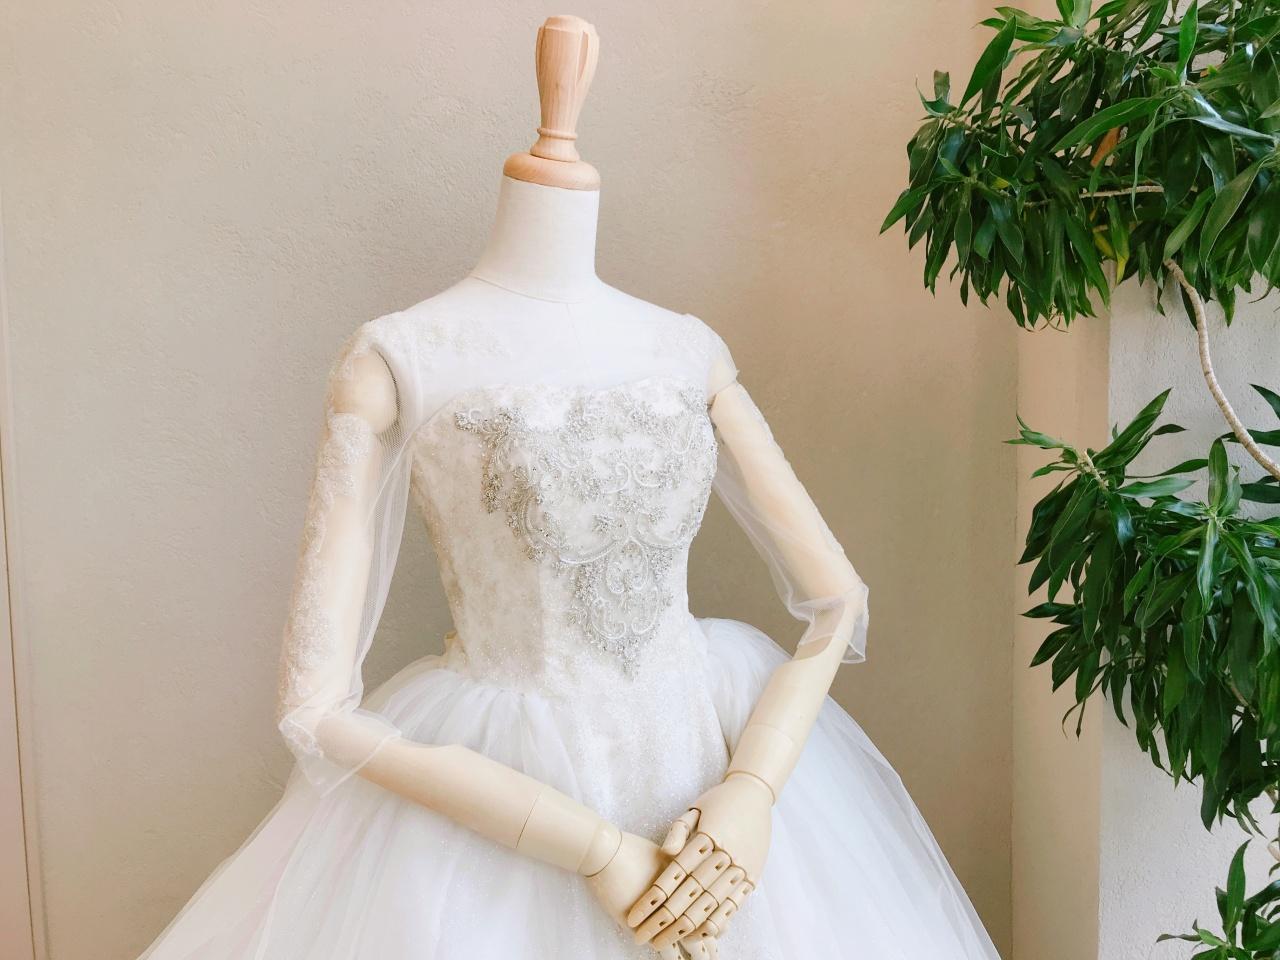 新作登場♡まるで魔法をかけられたような光り輝くプリンセスドレス